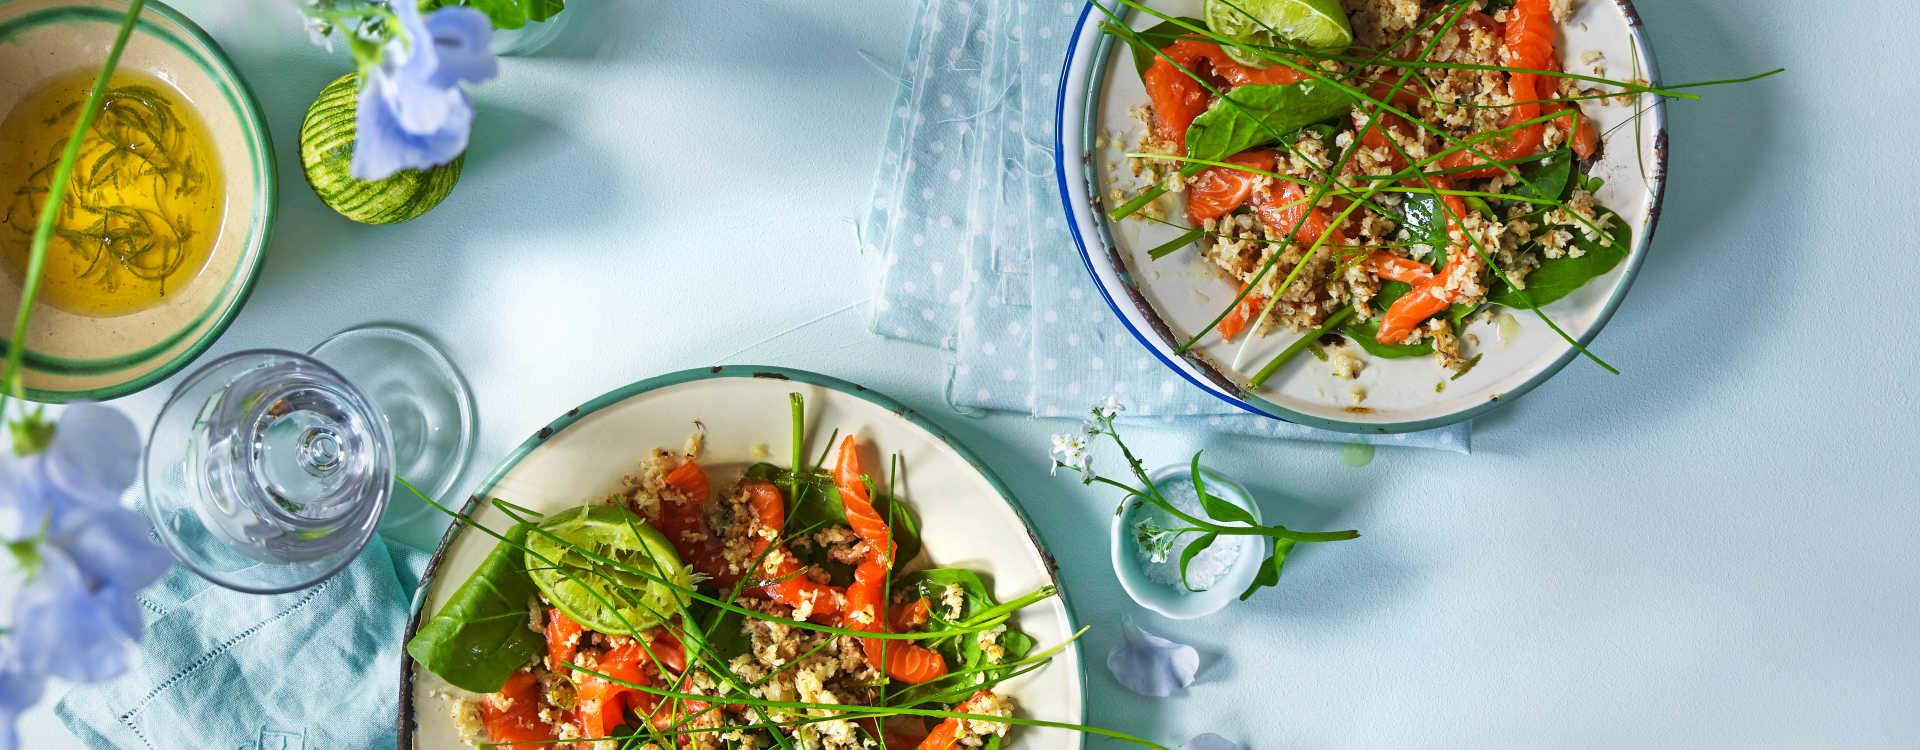 Sommerfin salat av råmarinert ørretfilèt, sesamfrø og ristet blomkål